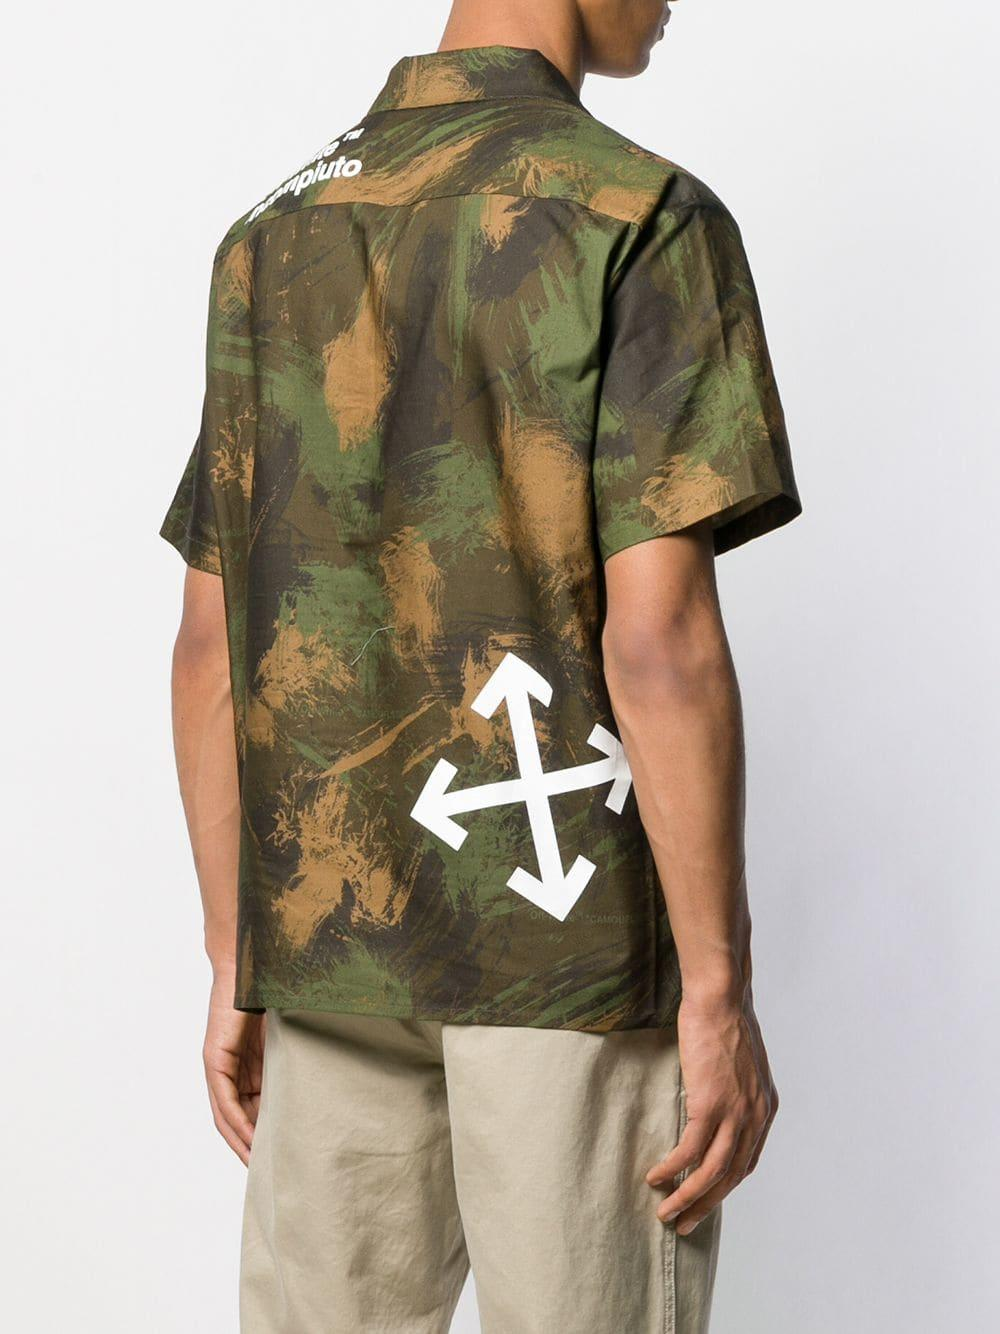 Off-White c/o Virgil Abloh Overhemd Met Camouflage Print in het Groen voor heren